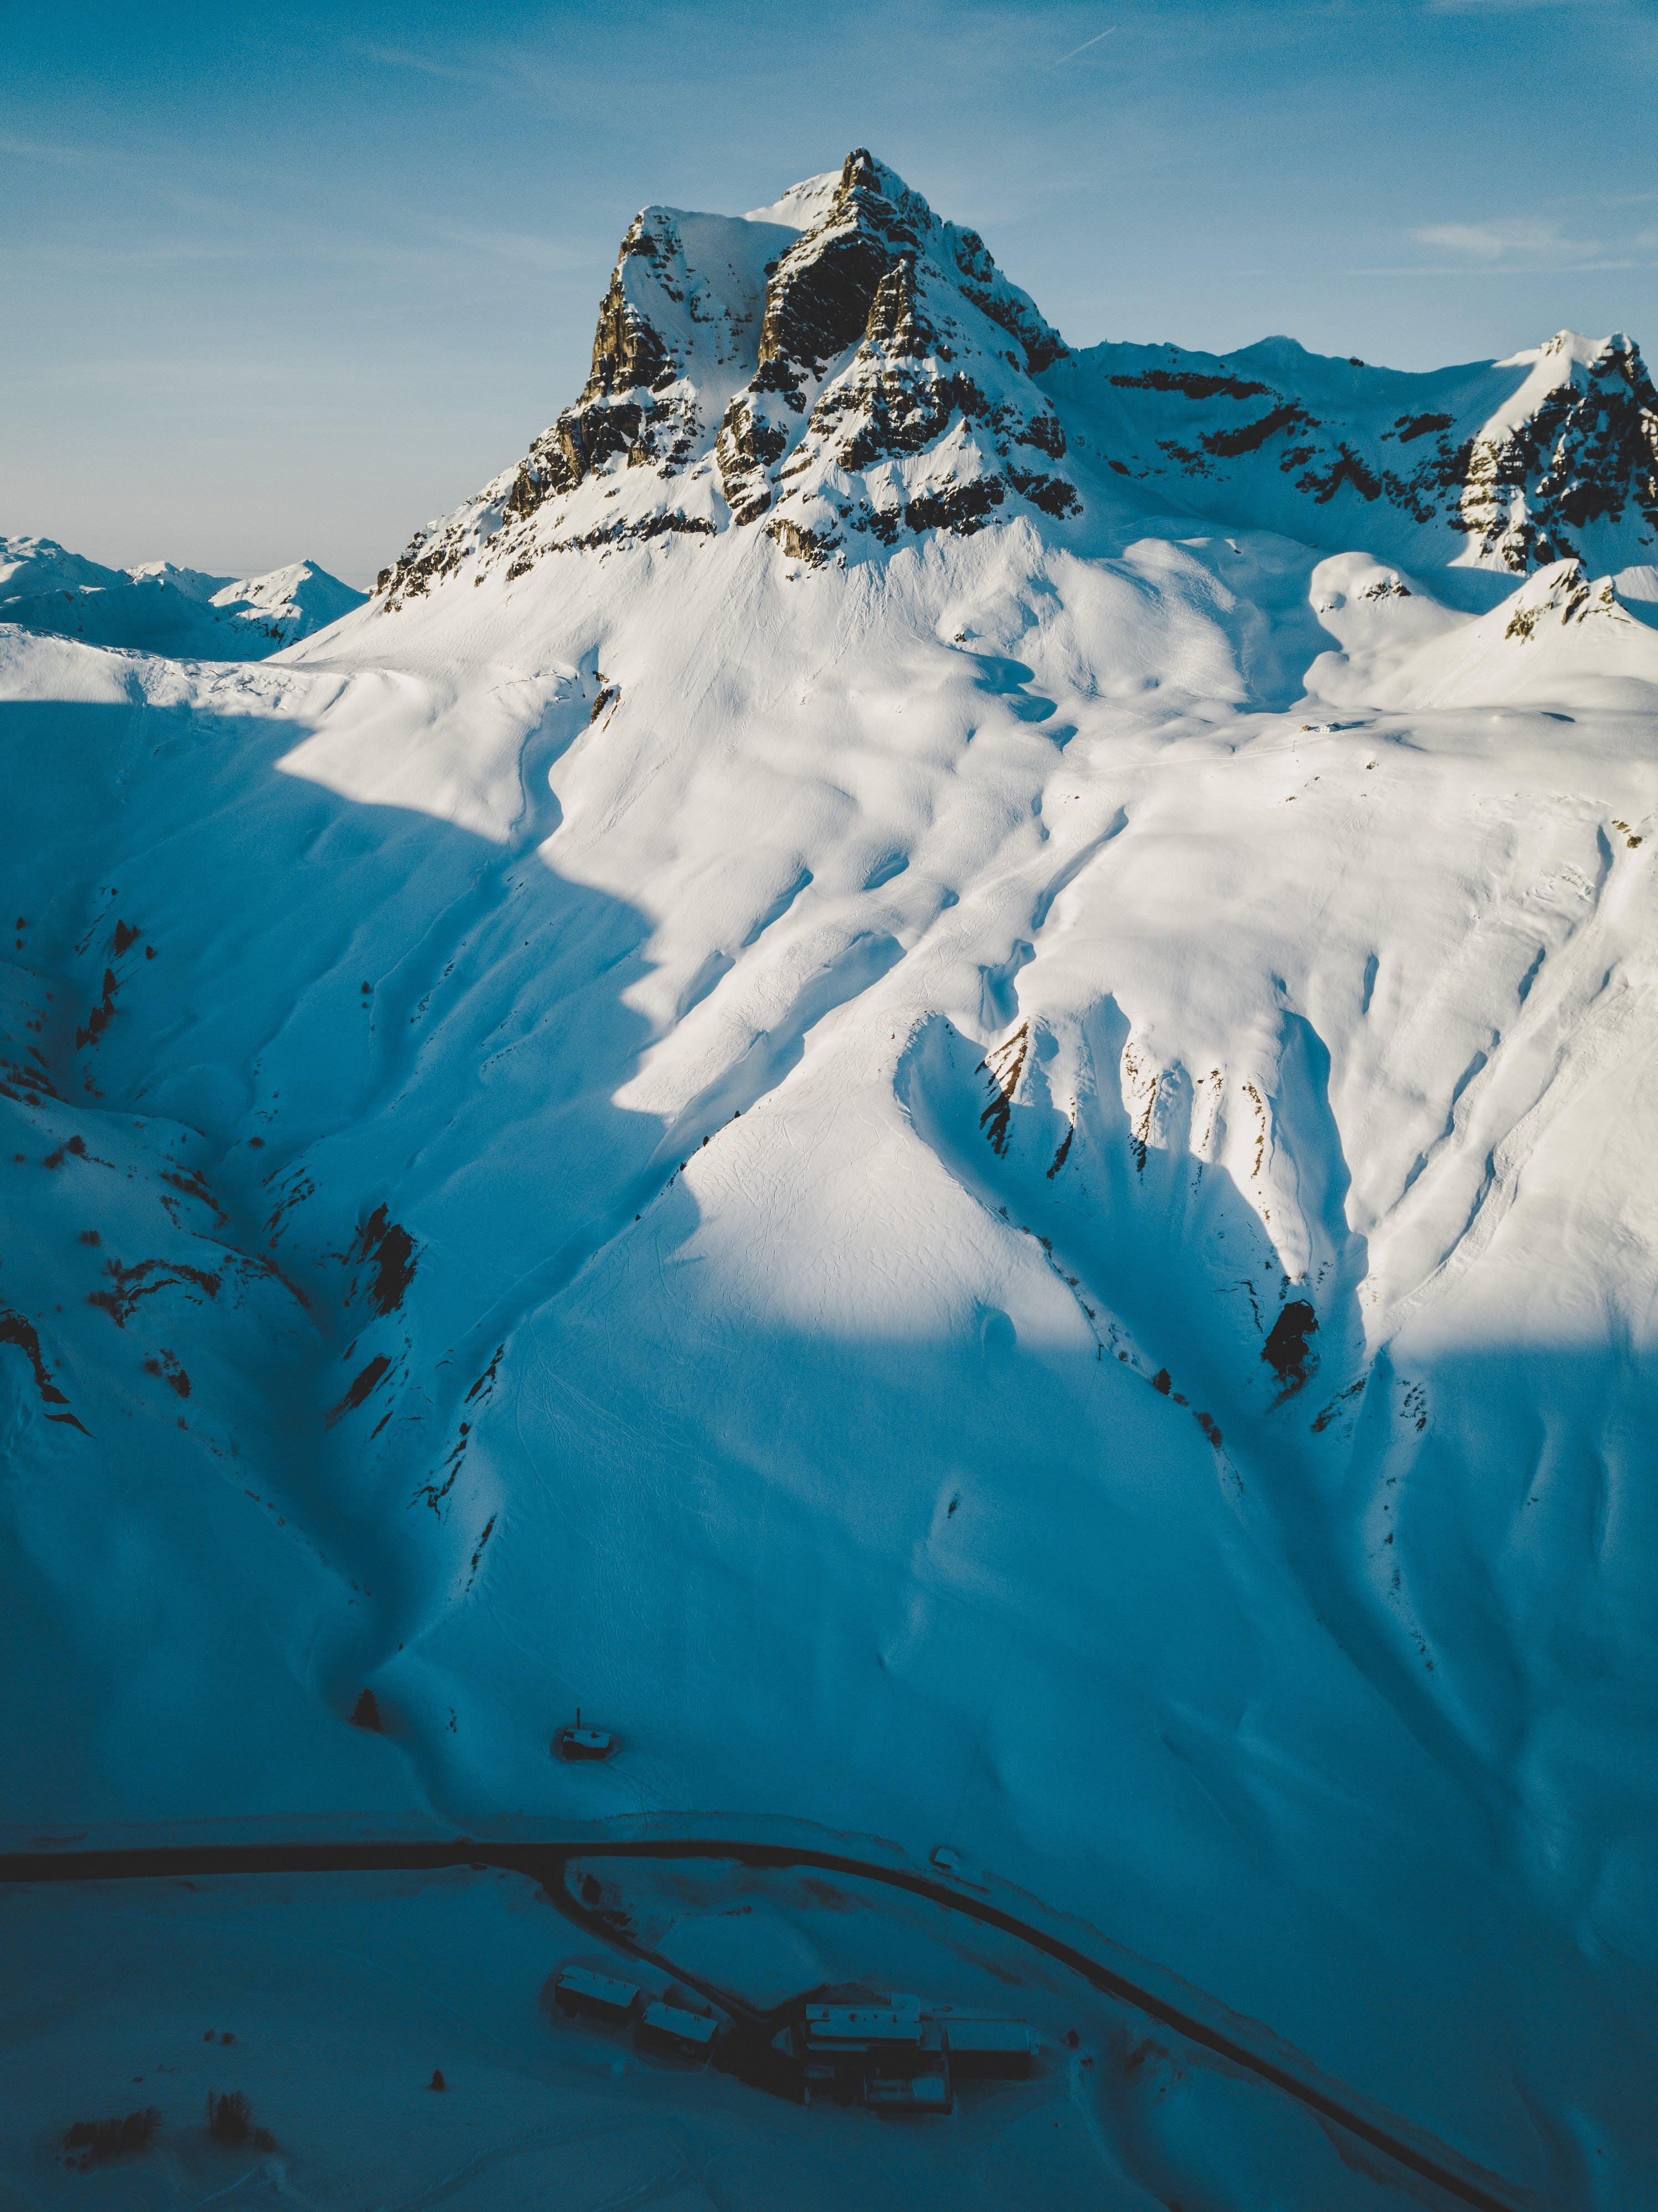 Immagine gratuita di ambiente, congelato, fotografia della natura, gelido